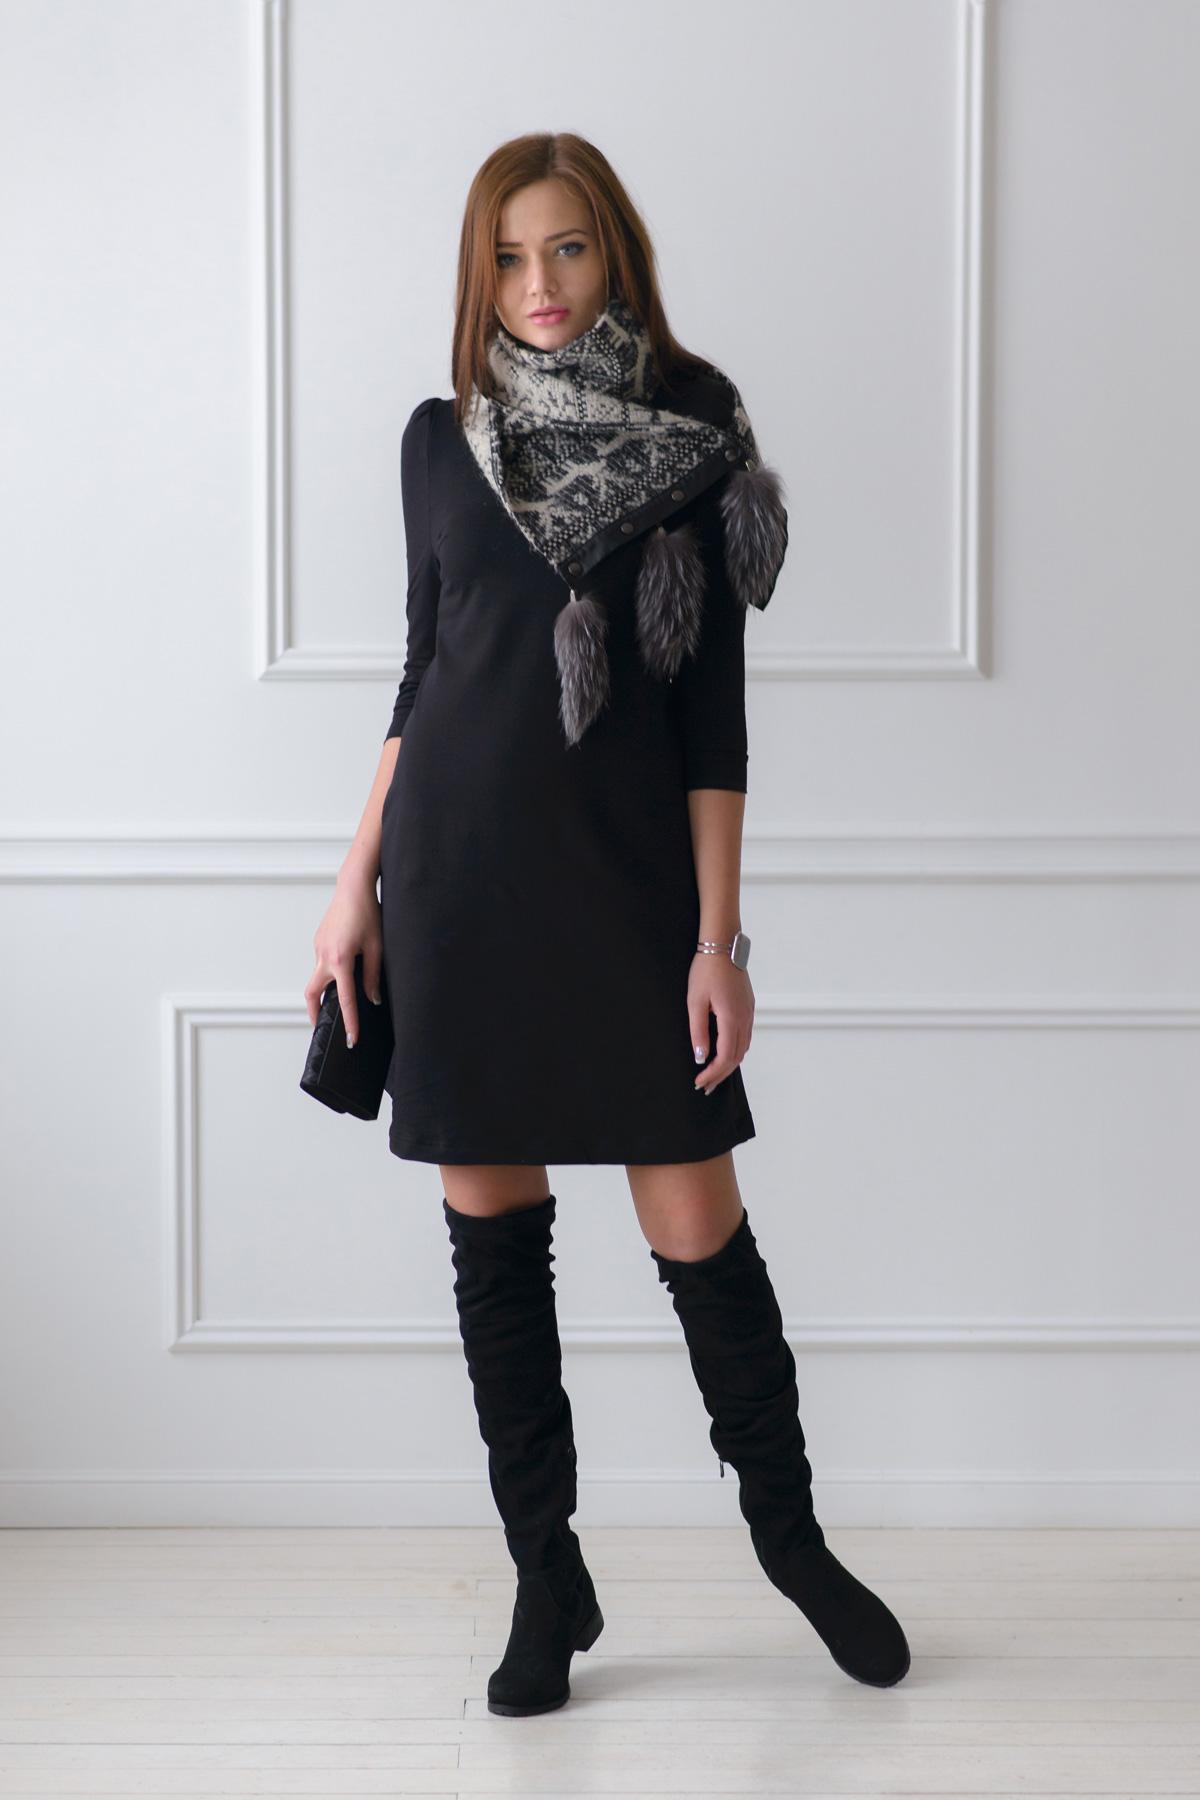 Жен. платье Модное Черный р. 48Платья<br>Факт. ОГ: 94 см <br>Факт. ОТ: 92 см <br>Факт. ОБ: 102 см <br>Длина по спинке: 93 см<br><br>Тип: Жен. платье<br>Размер: 48<br>Материал: Милано